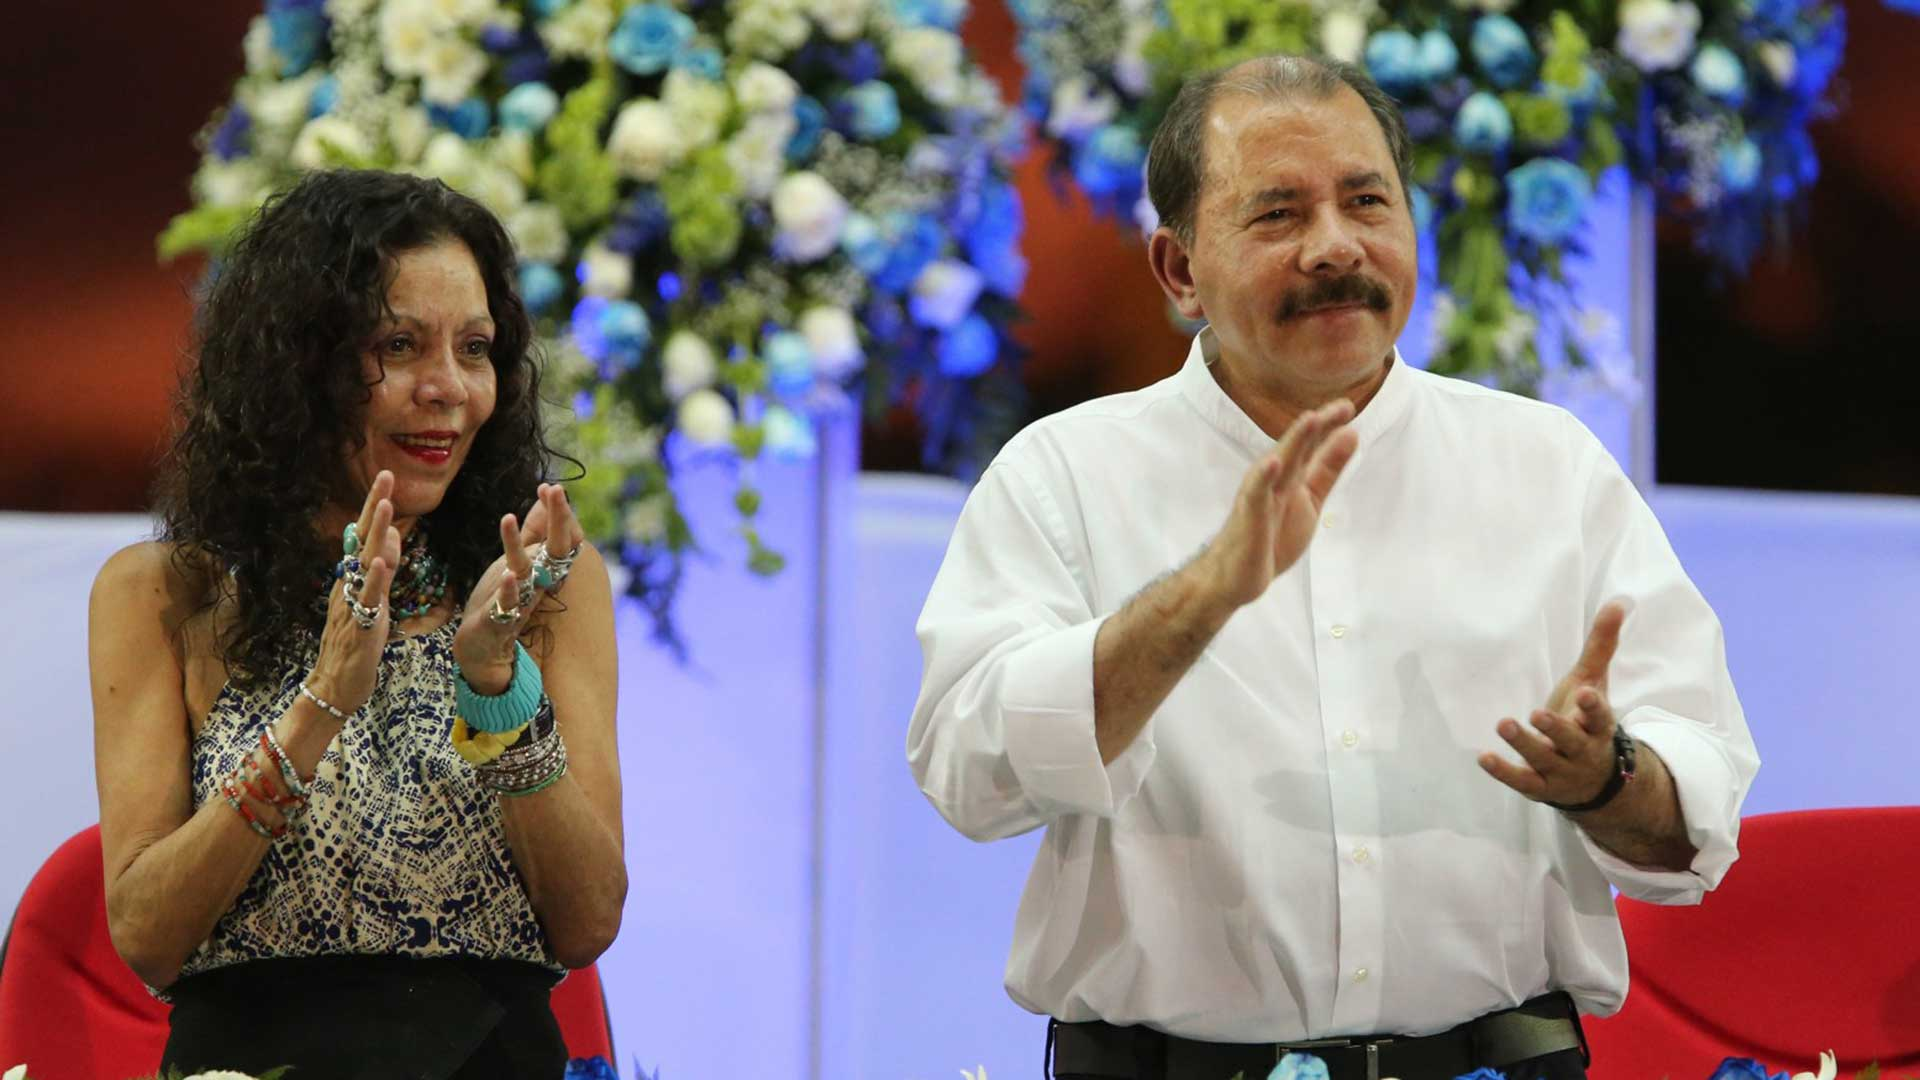 Daniel Ortega y su esposa, Rosario Murillo, la pareja presidencial de Nicaragua